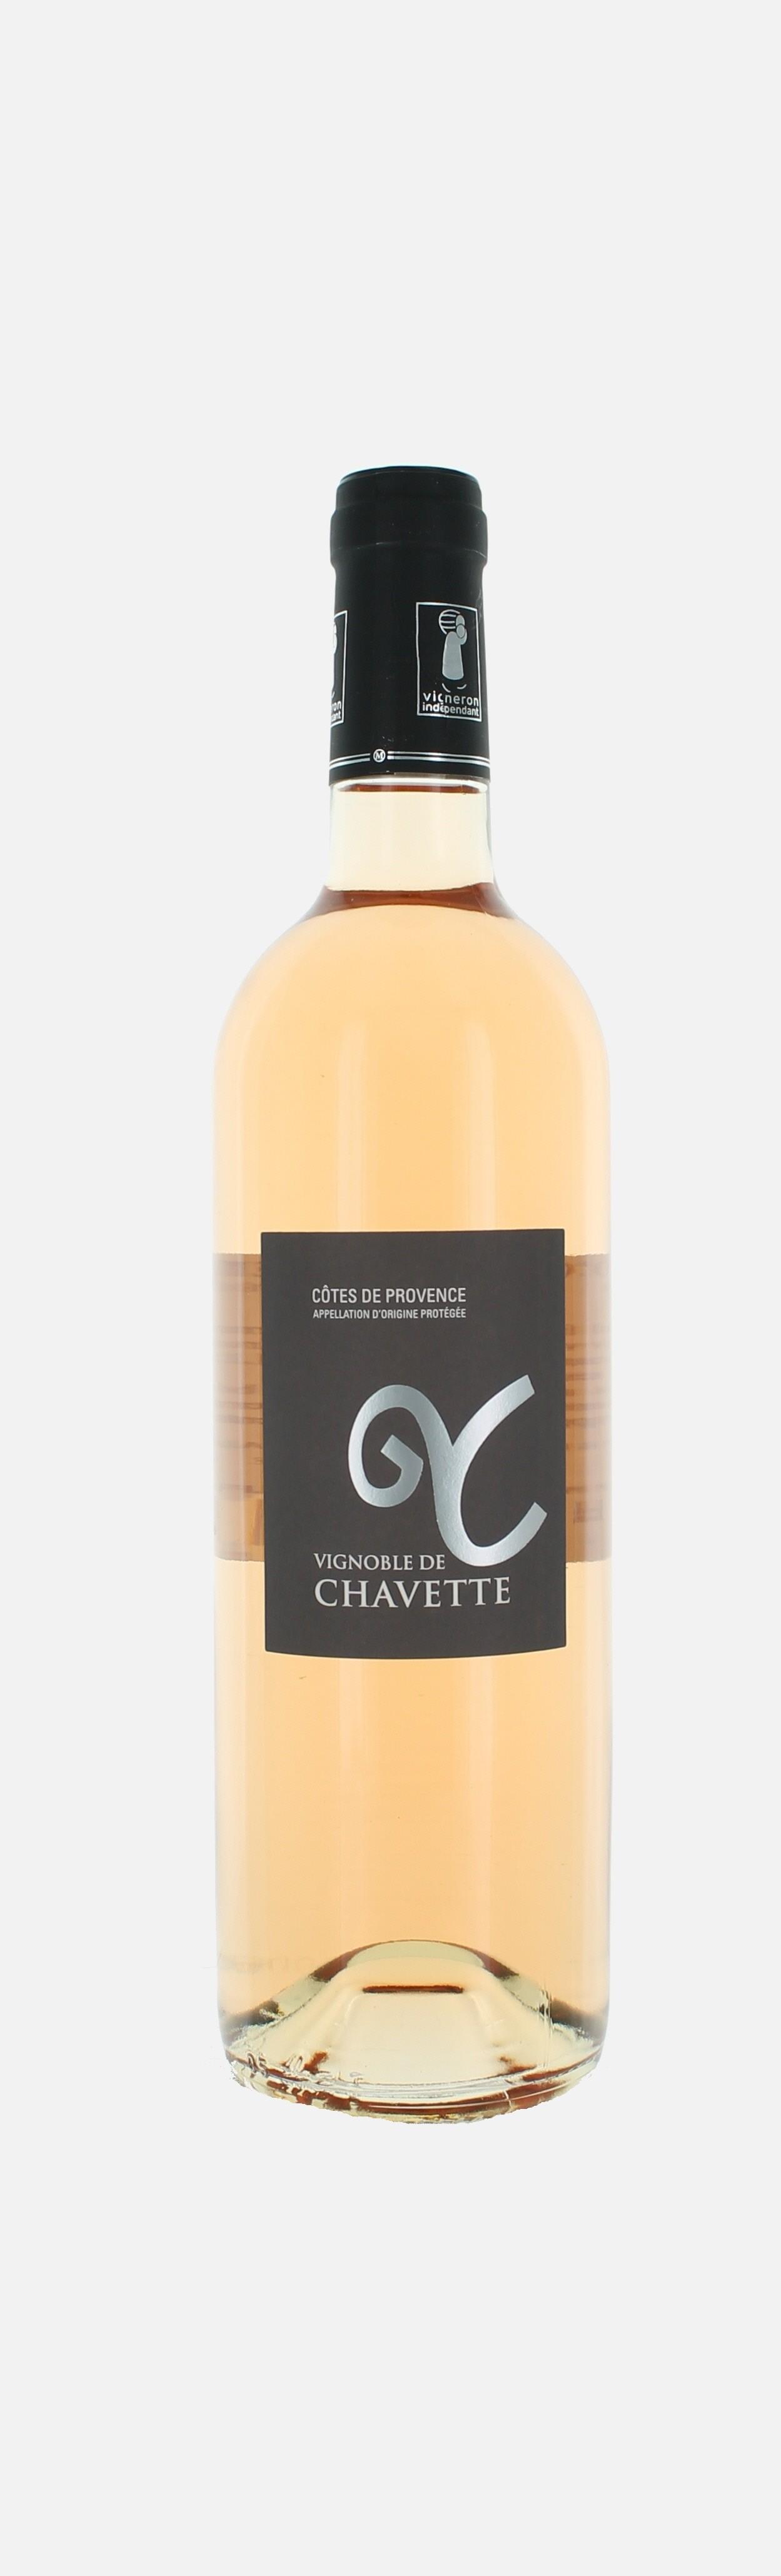 Vignoble Chavette, Côtes de Provence